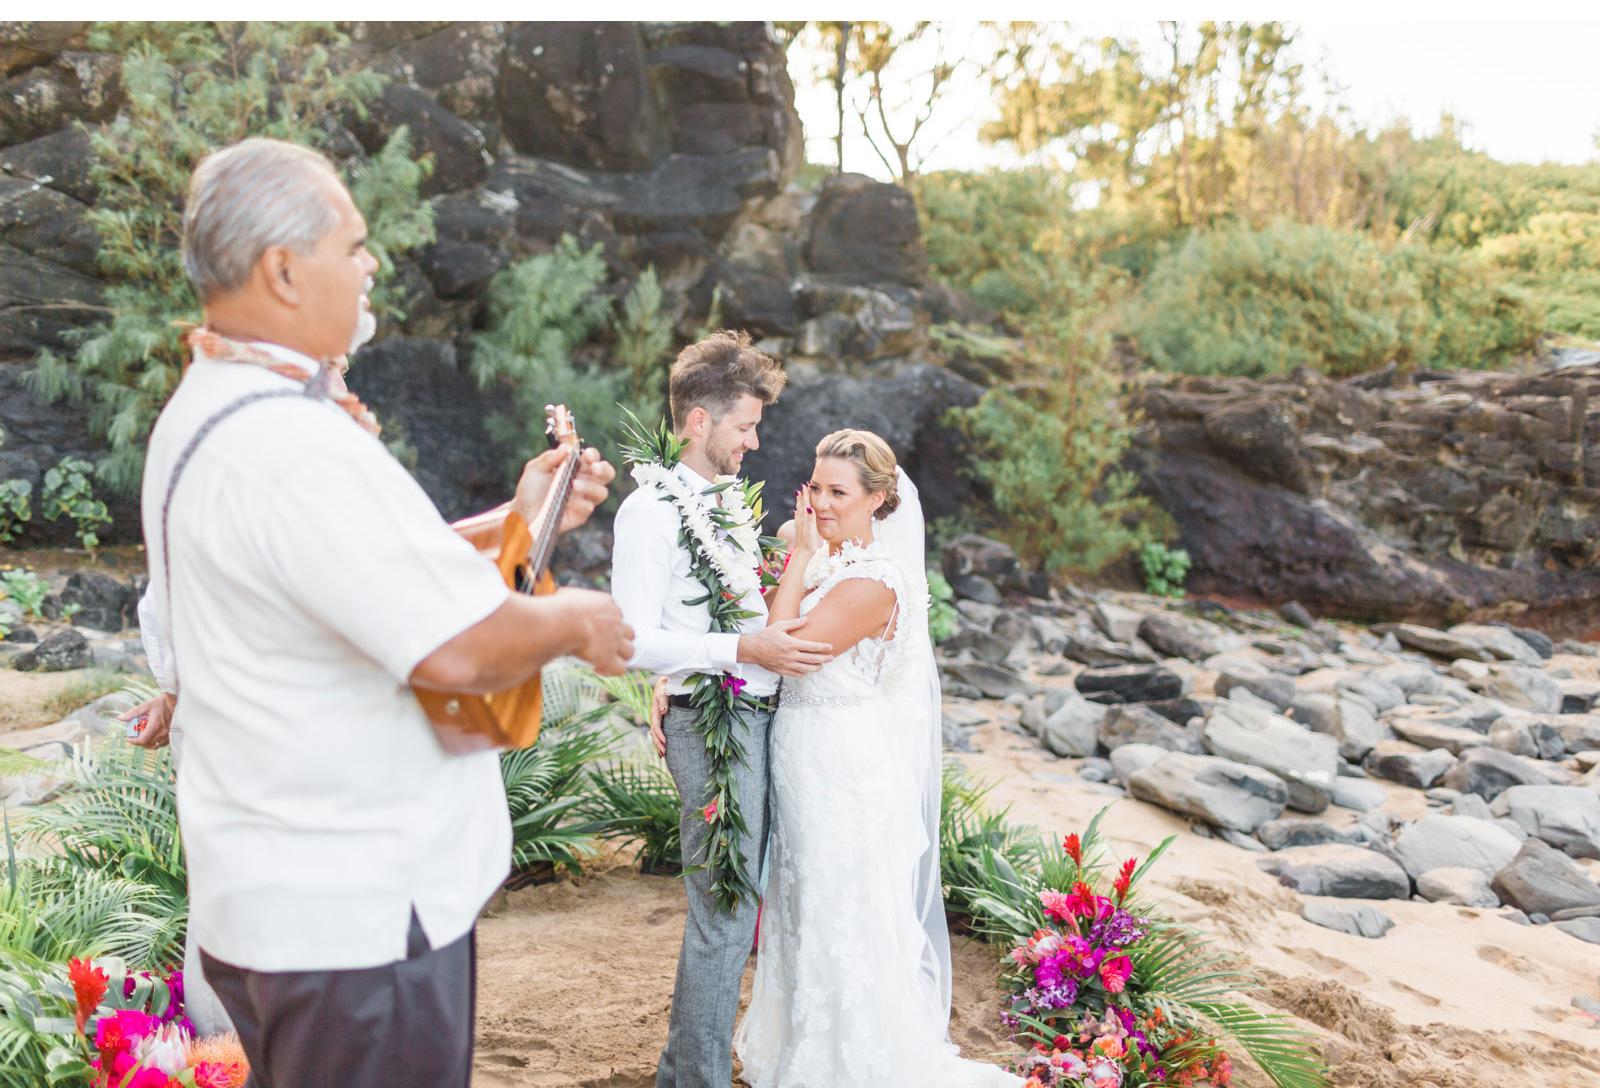 Natalie-Schutt-Photography---Maui-Elopement-Photographer_04.jpg